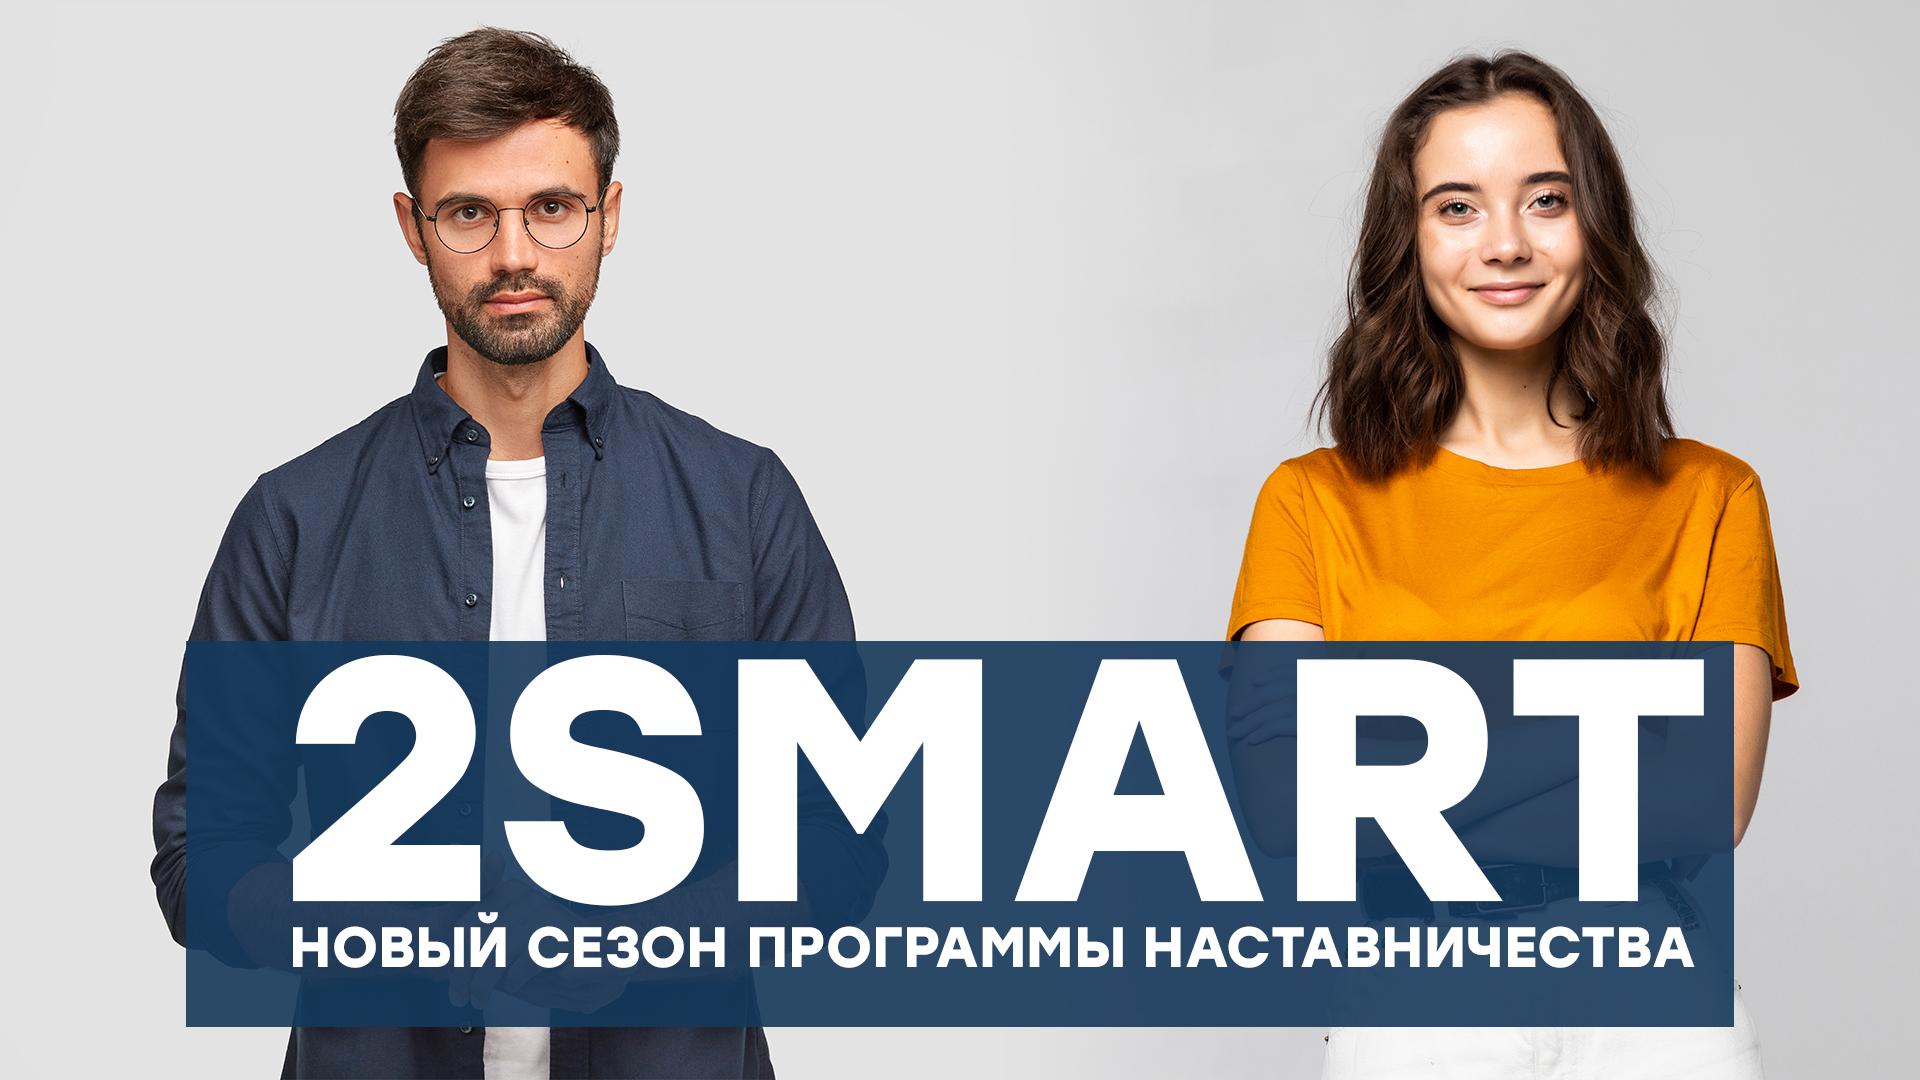 Новый сезон программы наставничества 2SMART